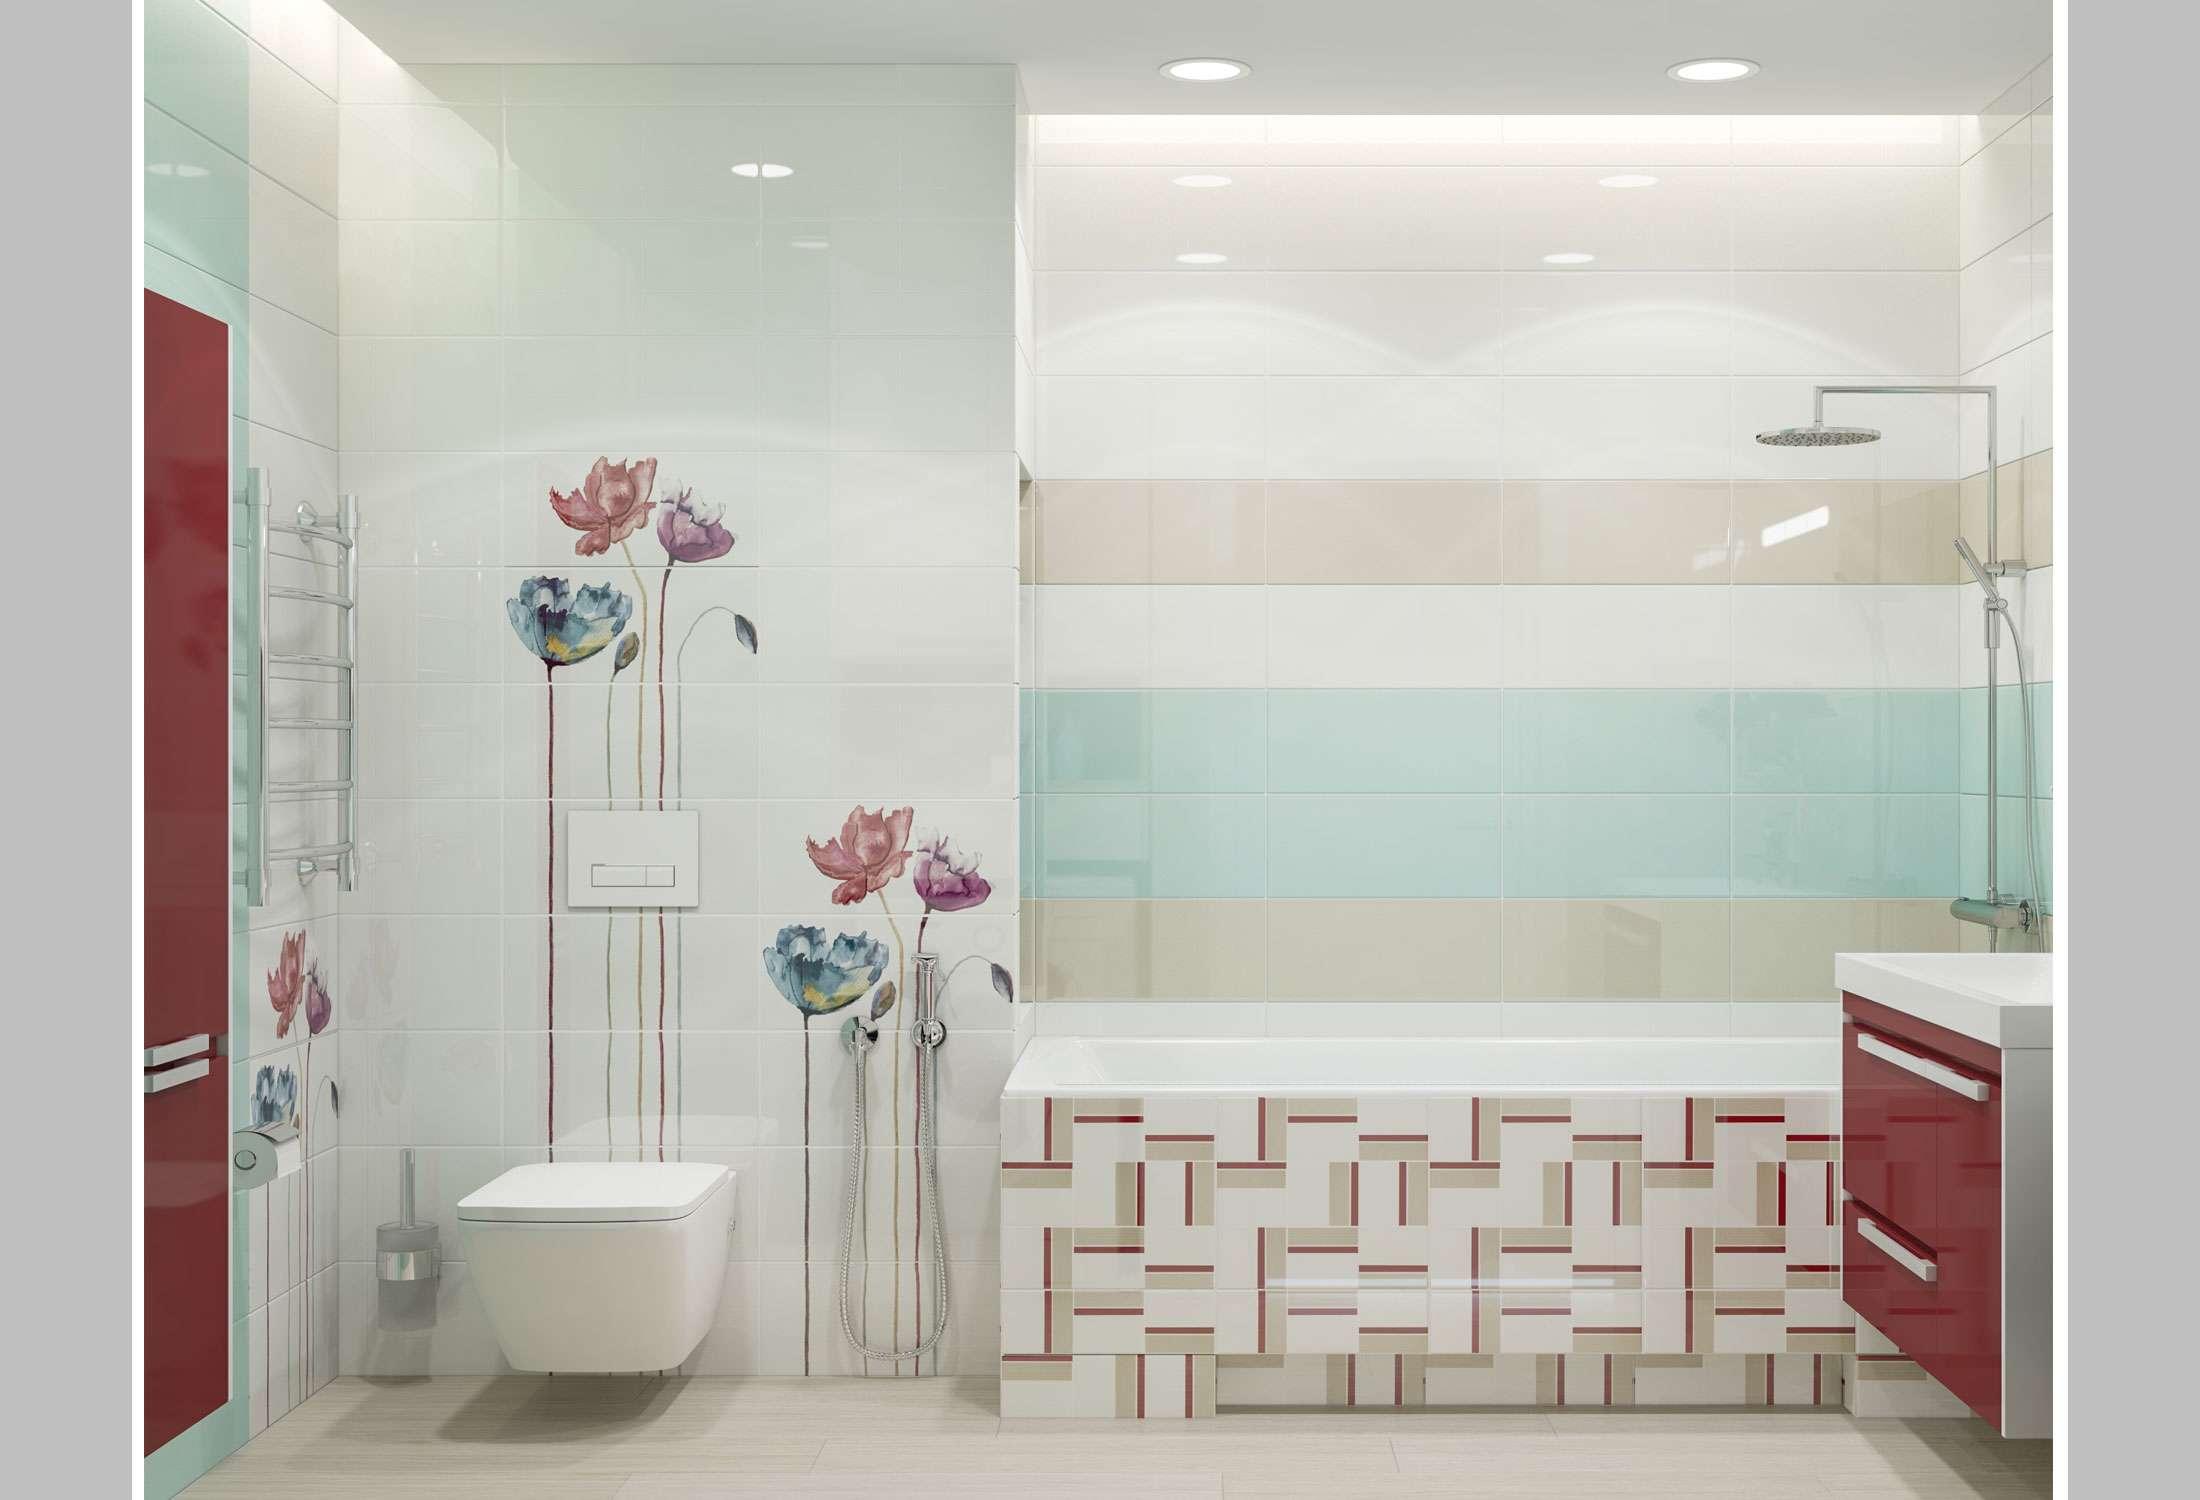 sposobi ukladki plitki 15 - Идеи для ремонта в маленькой ванной